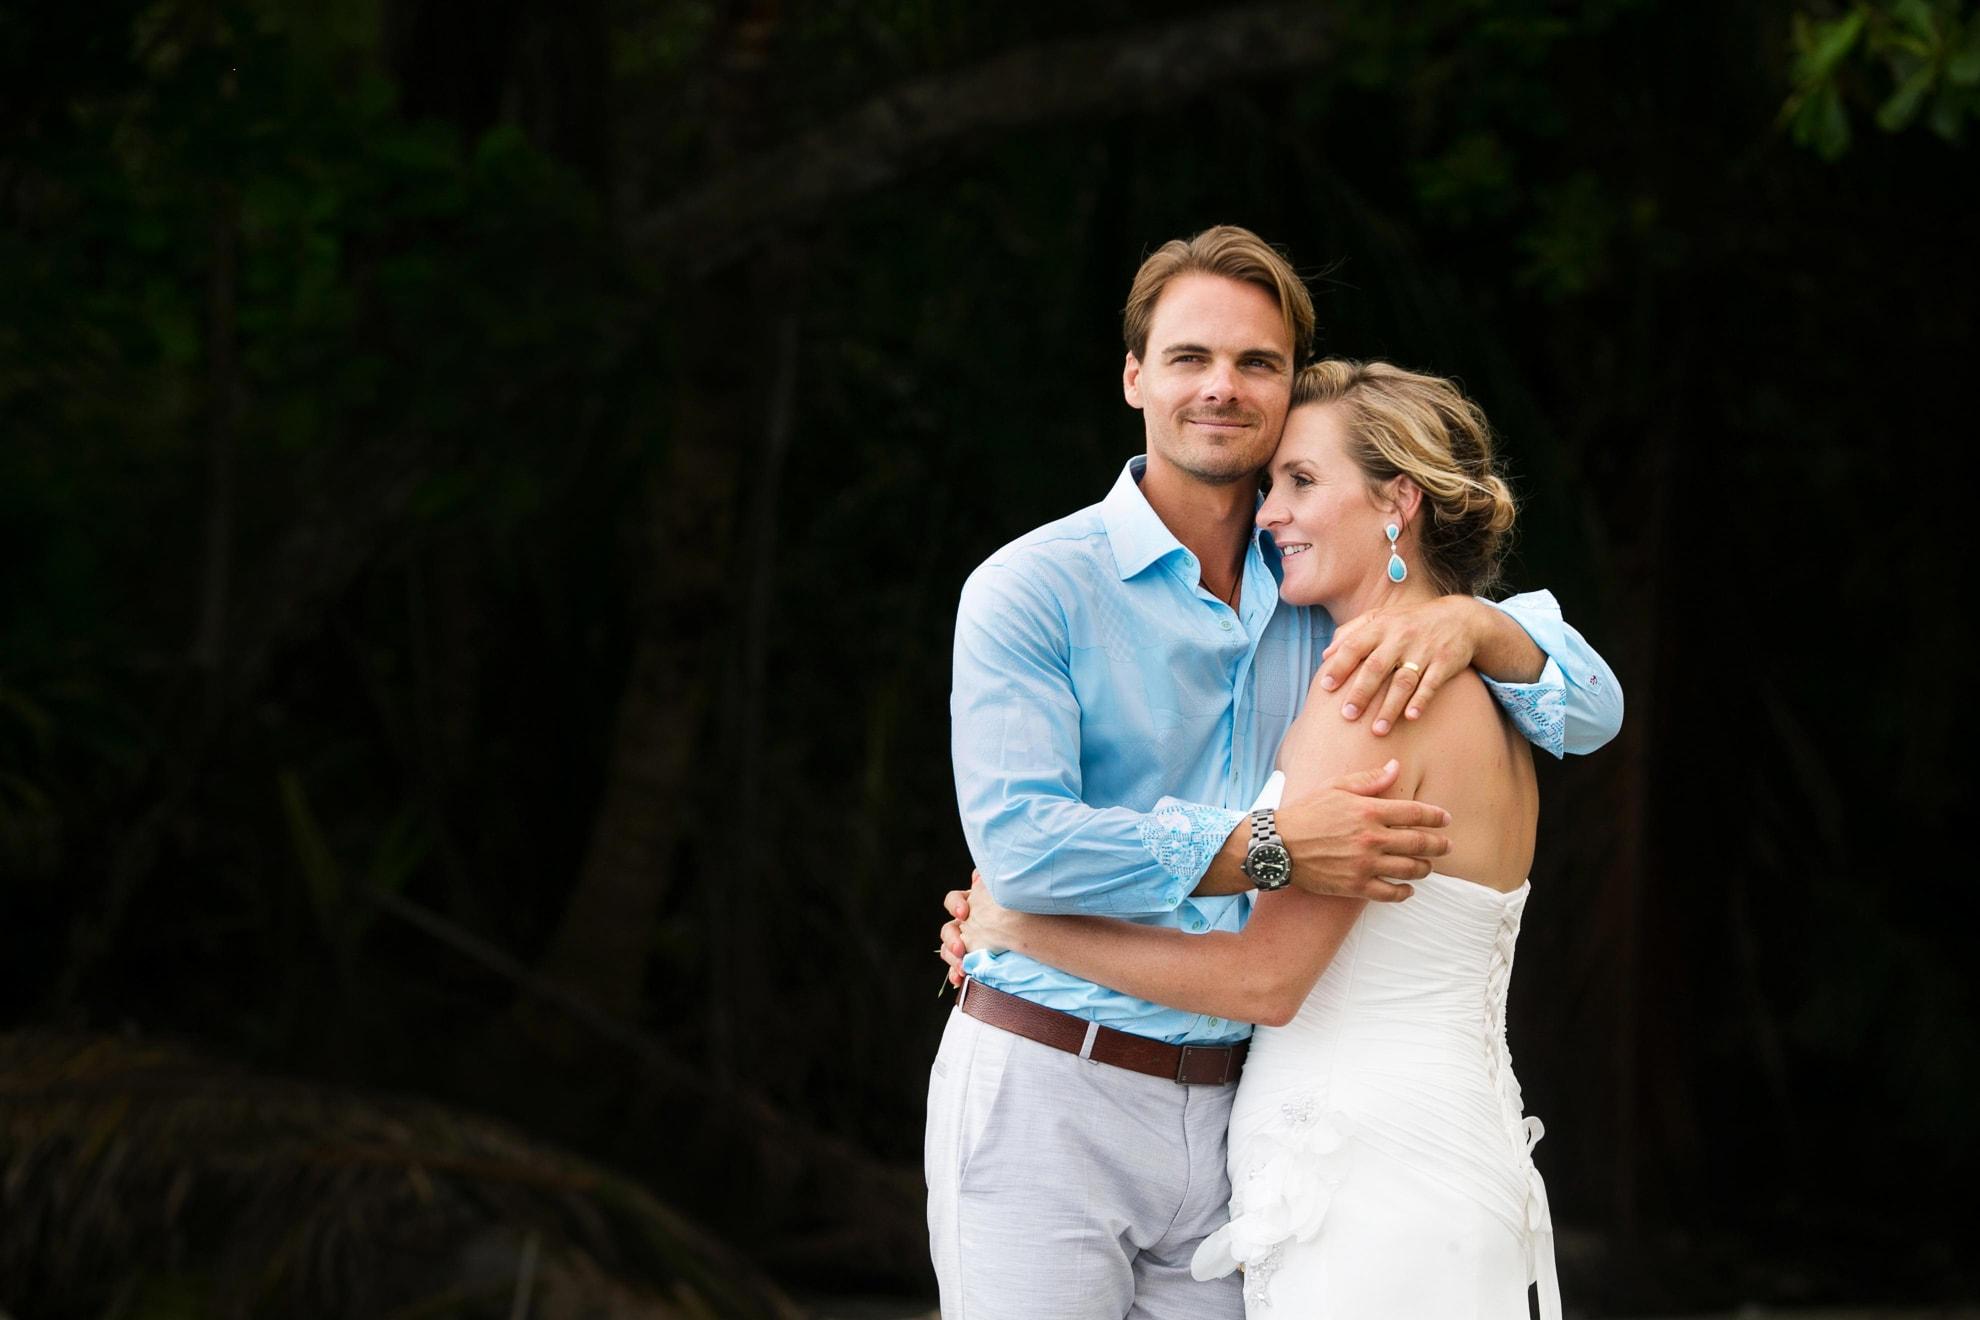 wedding photography at punto de vista costa rica